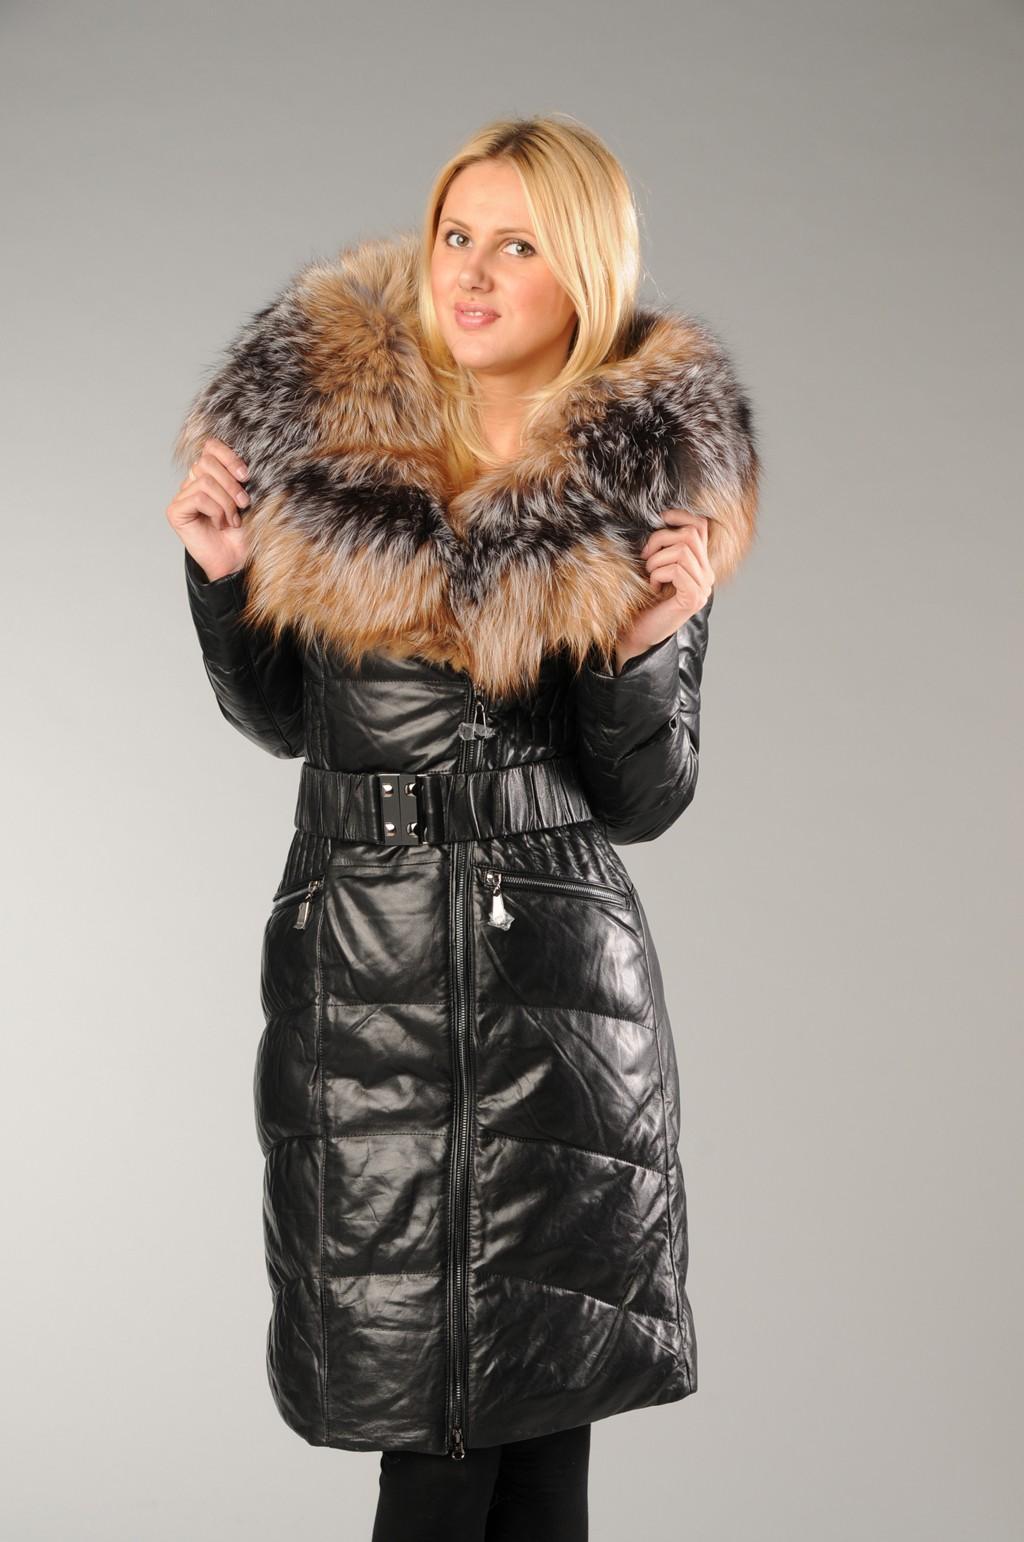 матерные частушки женская зимняя одежда российского производства бюджетные автономные